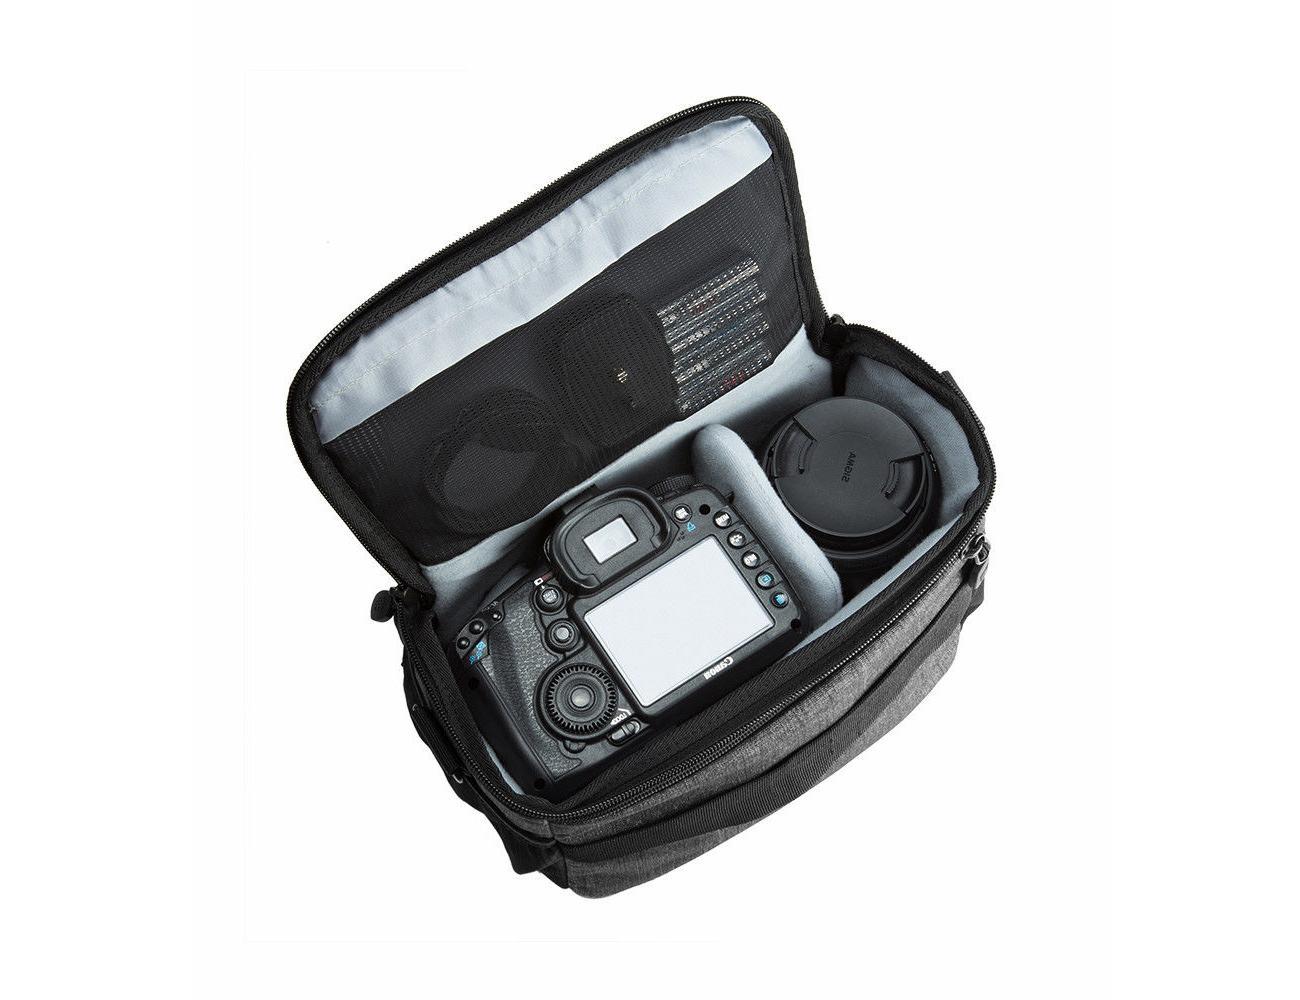 BAGSMART Camera Shoulder Bag for with Waterproof